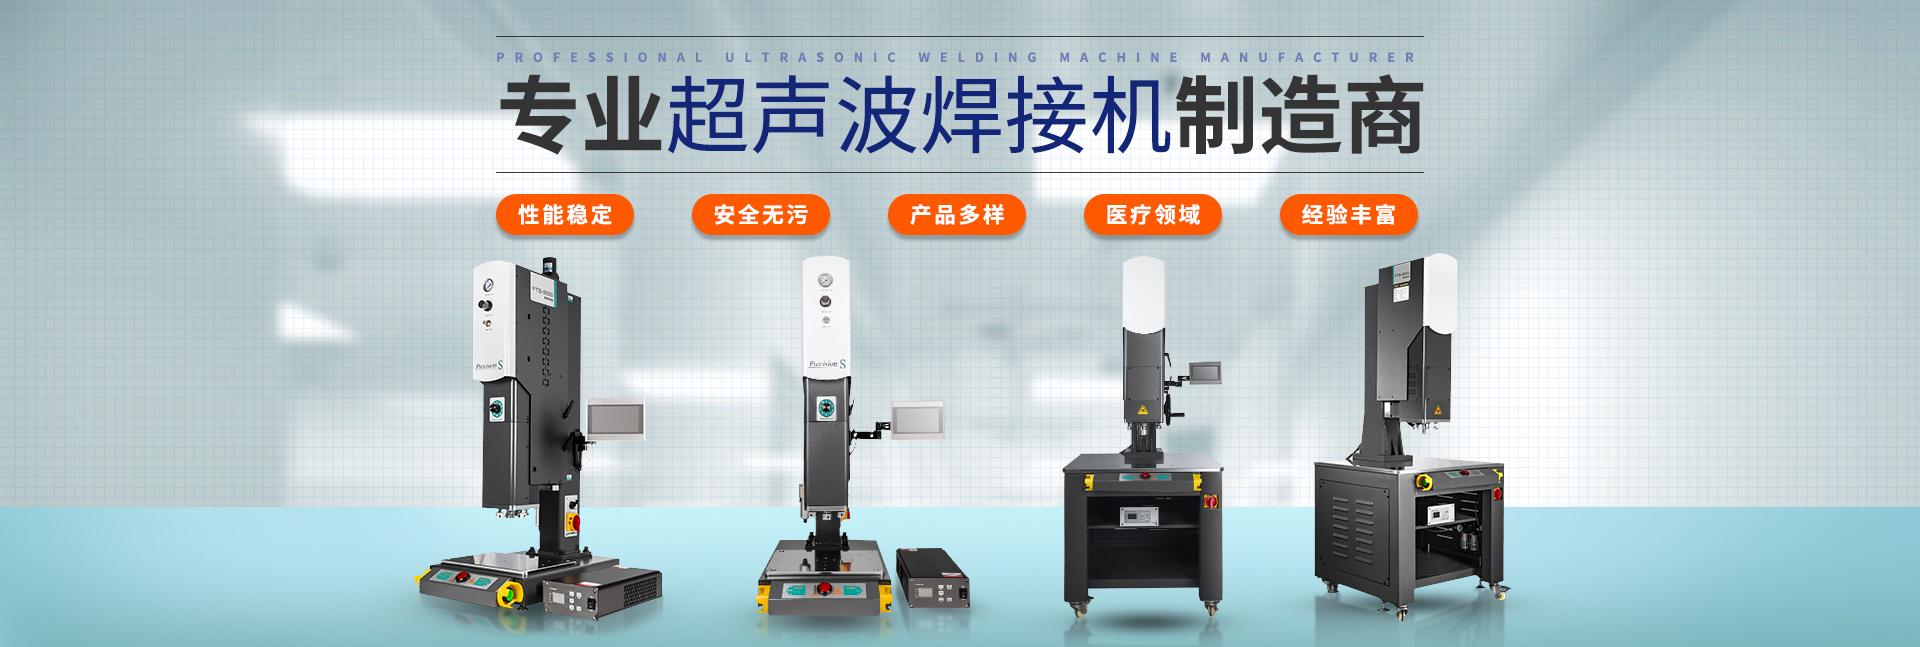 超声波焊接机厂家